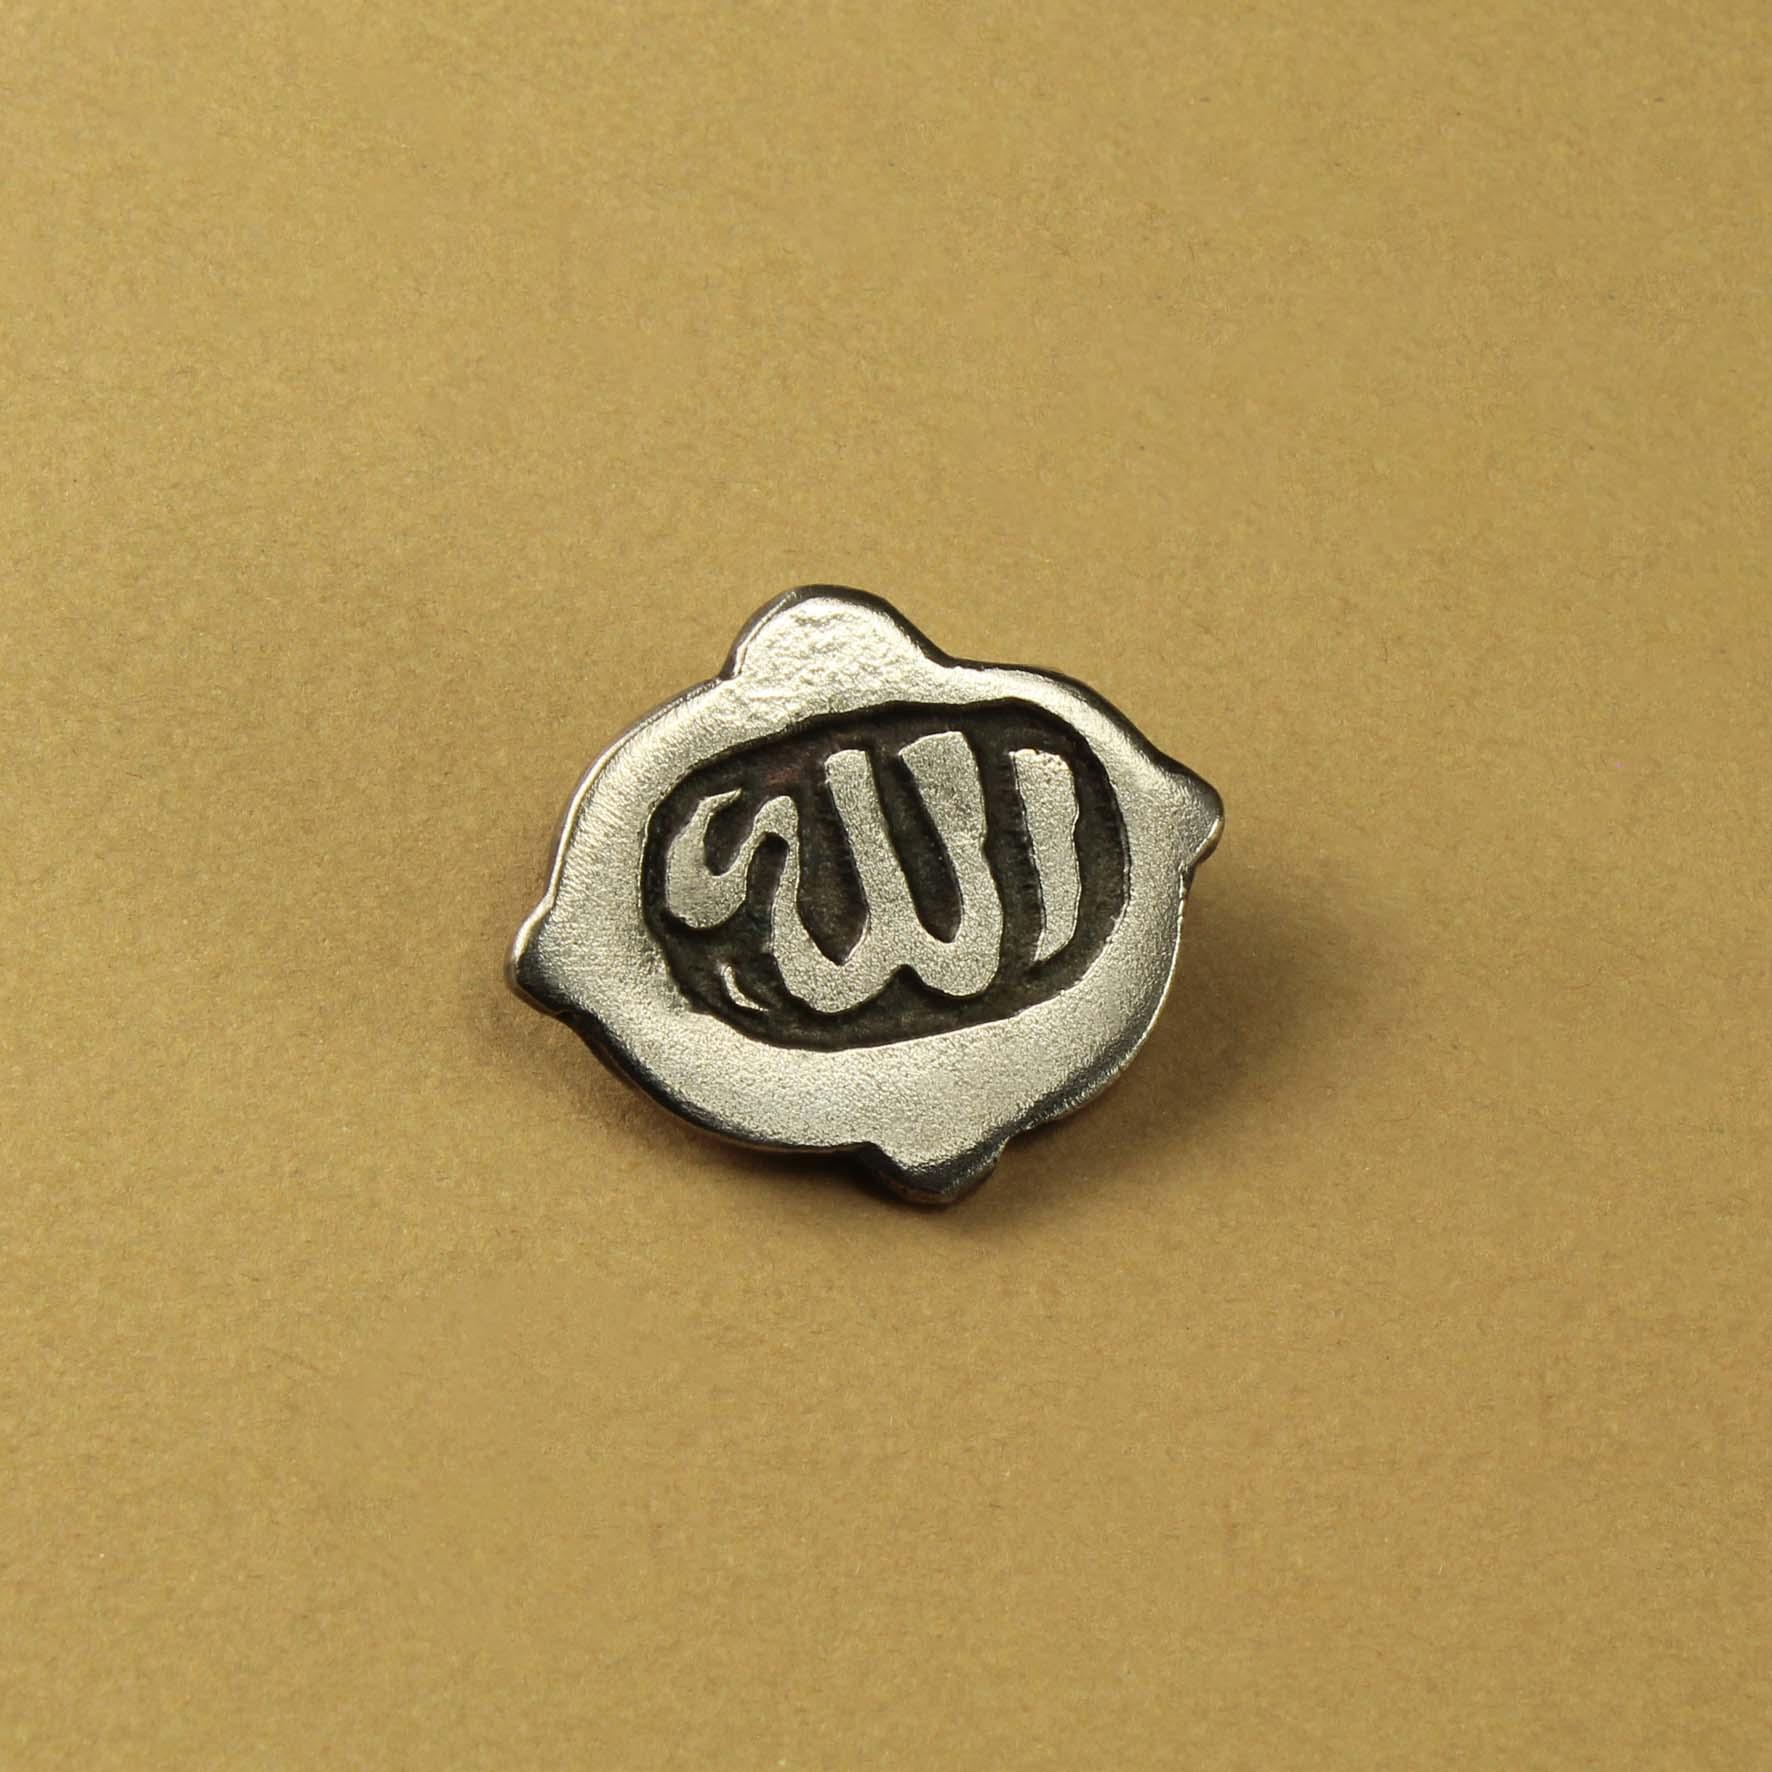 (Allah) Pin